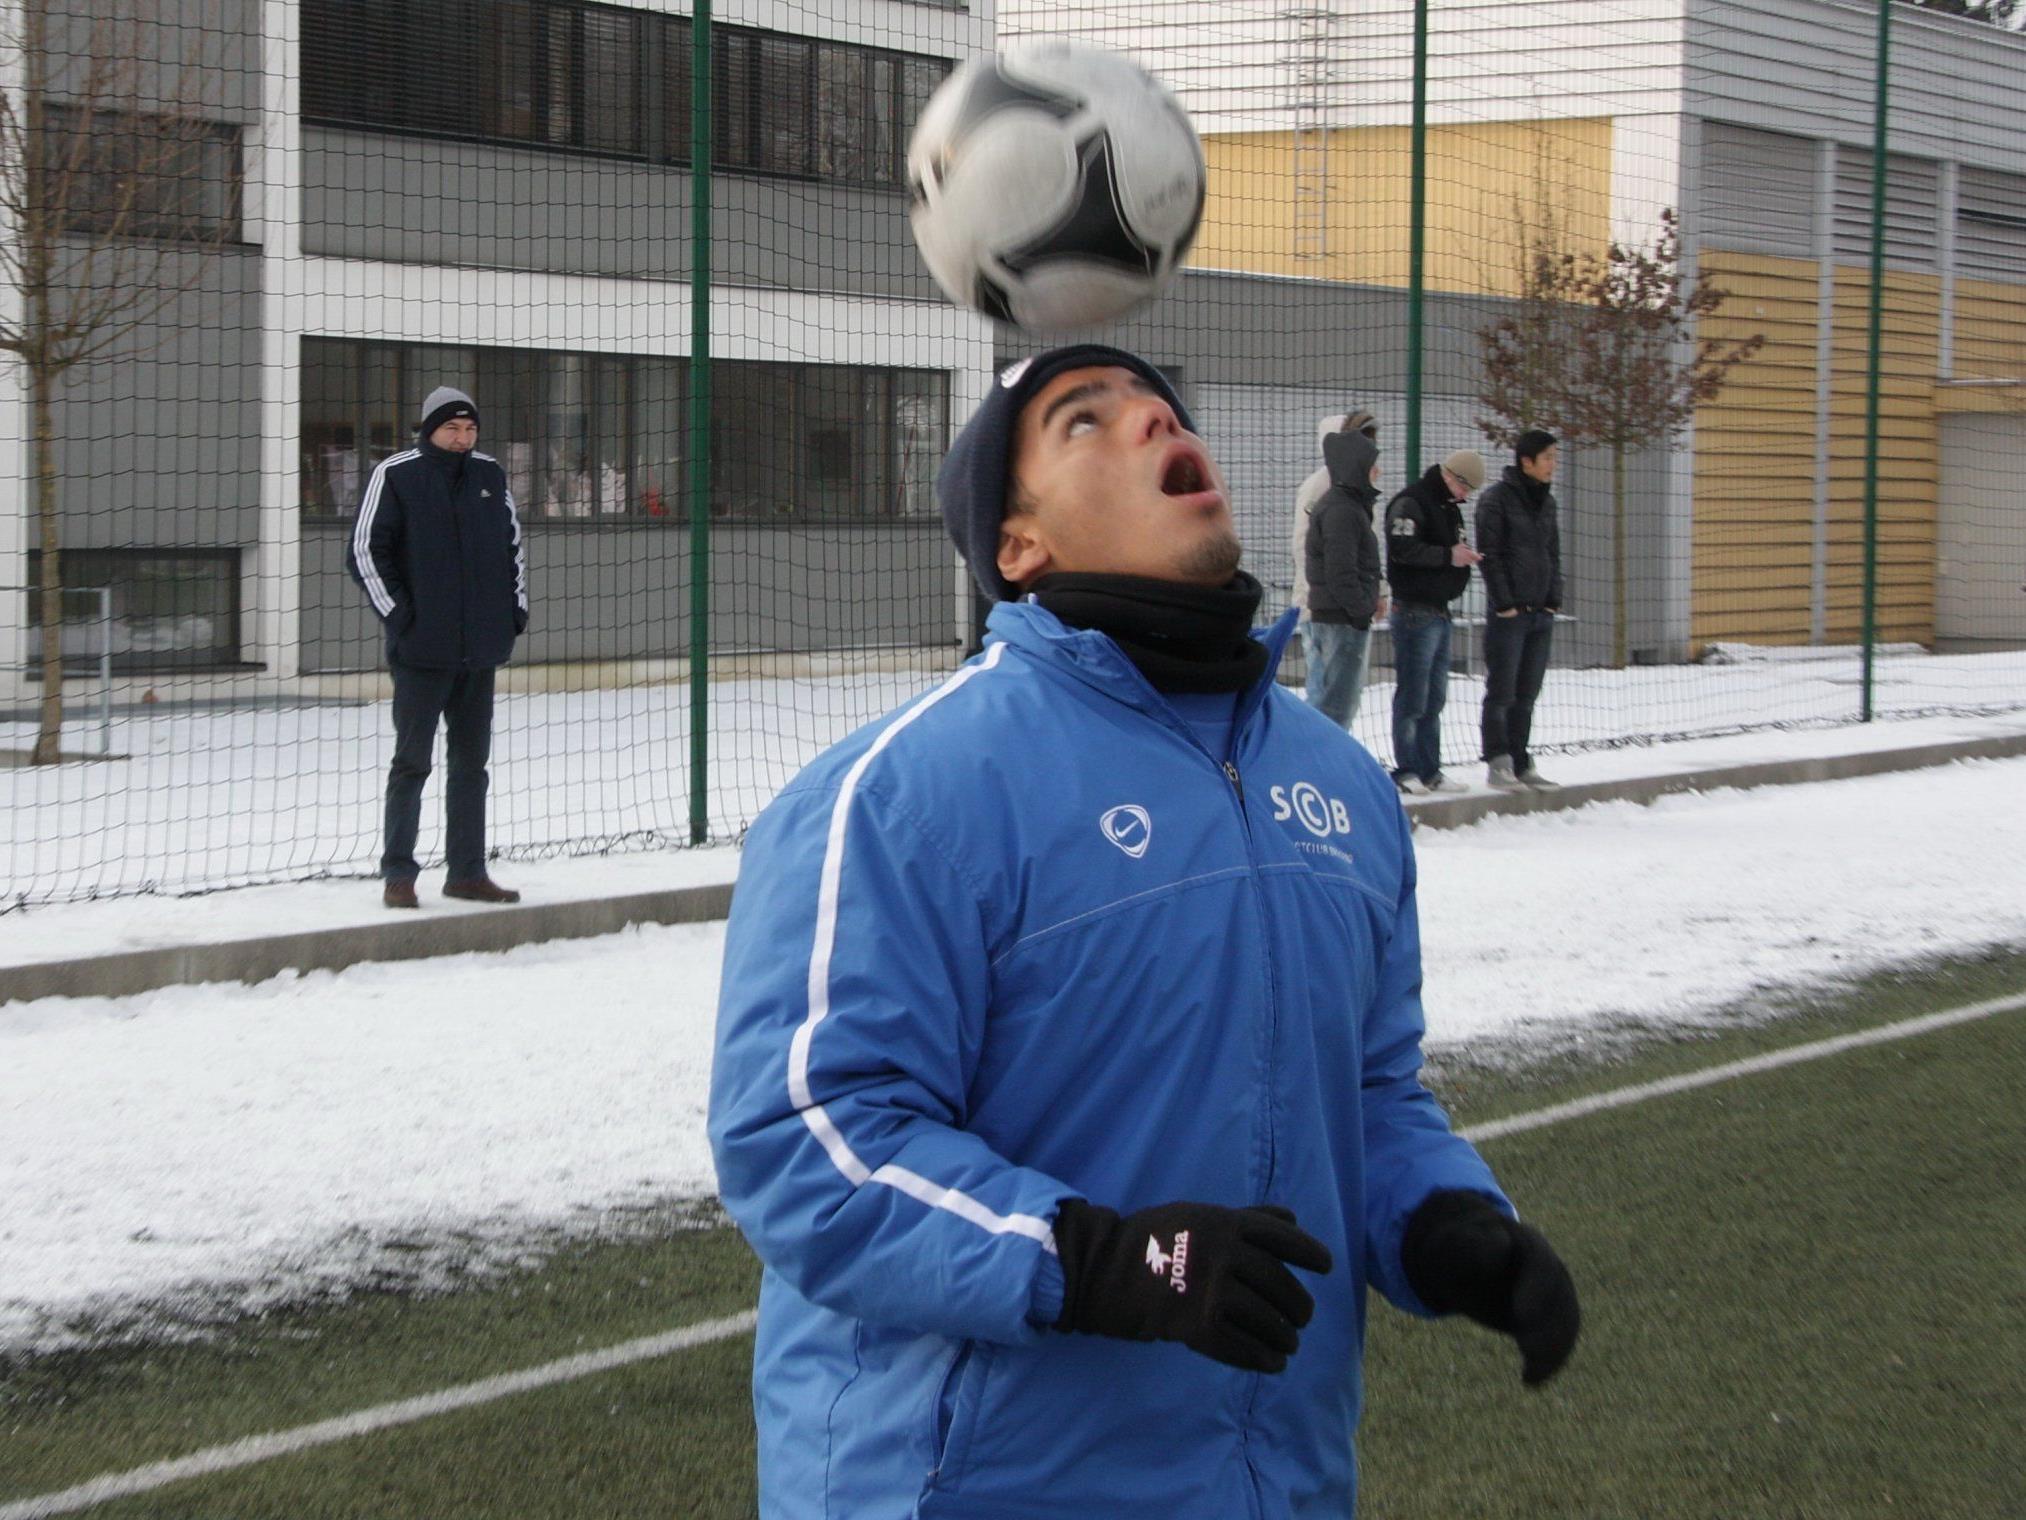 Vinicius Gomes Para spielt erstmals im Casinostadion und hofft auf Tore gegen Altach Amateure.